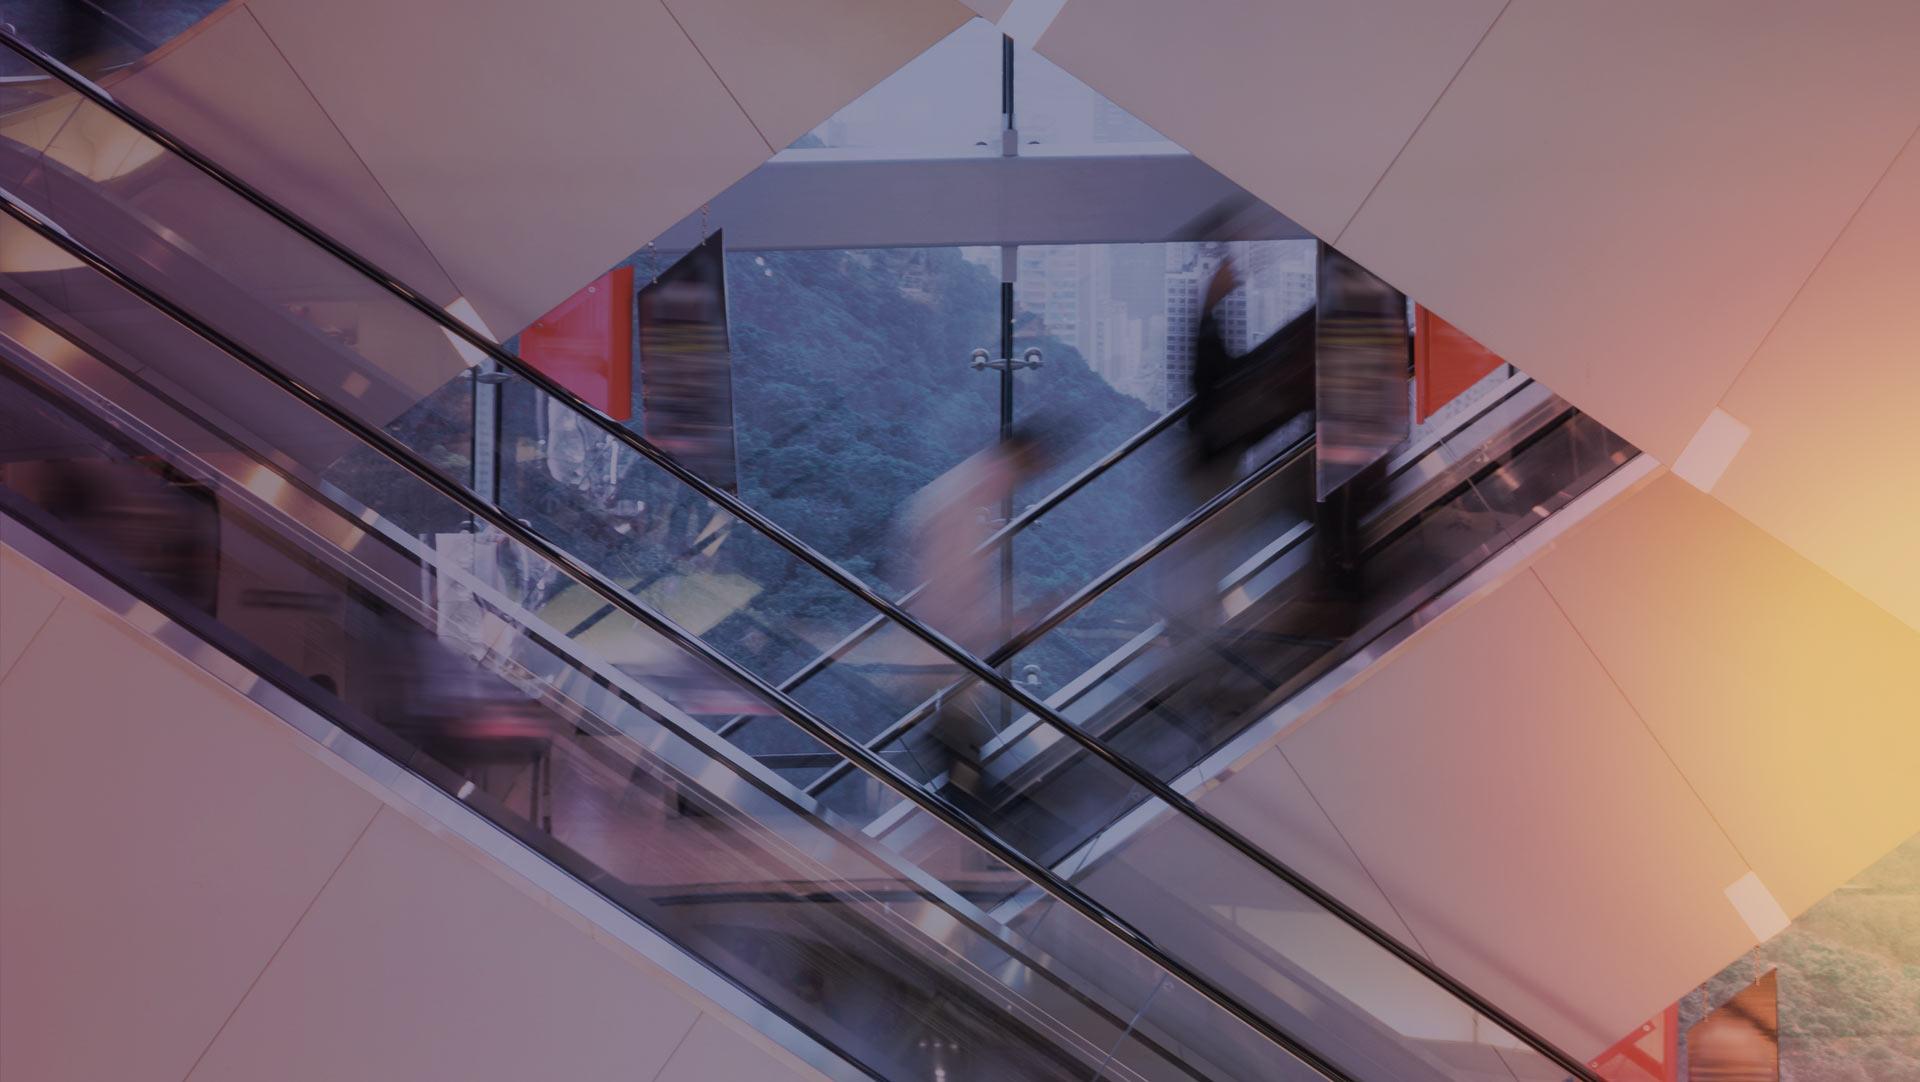 Entistä vahvempitulevaisuus älykkäämmille rakennuksille: AssemblinostaaFidelixGroupin